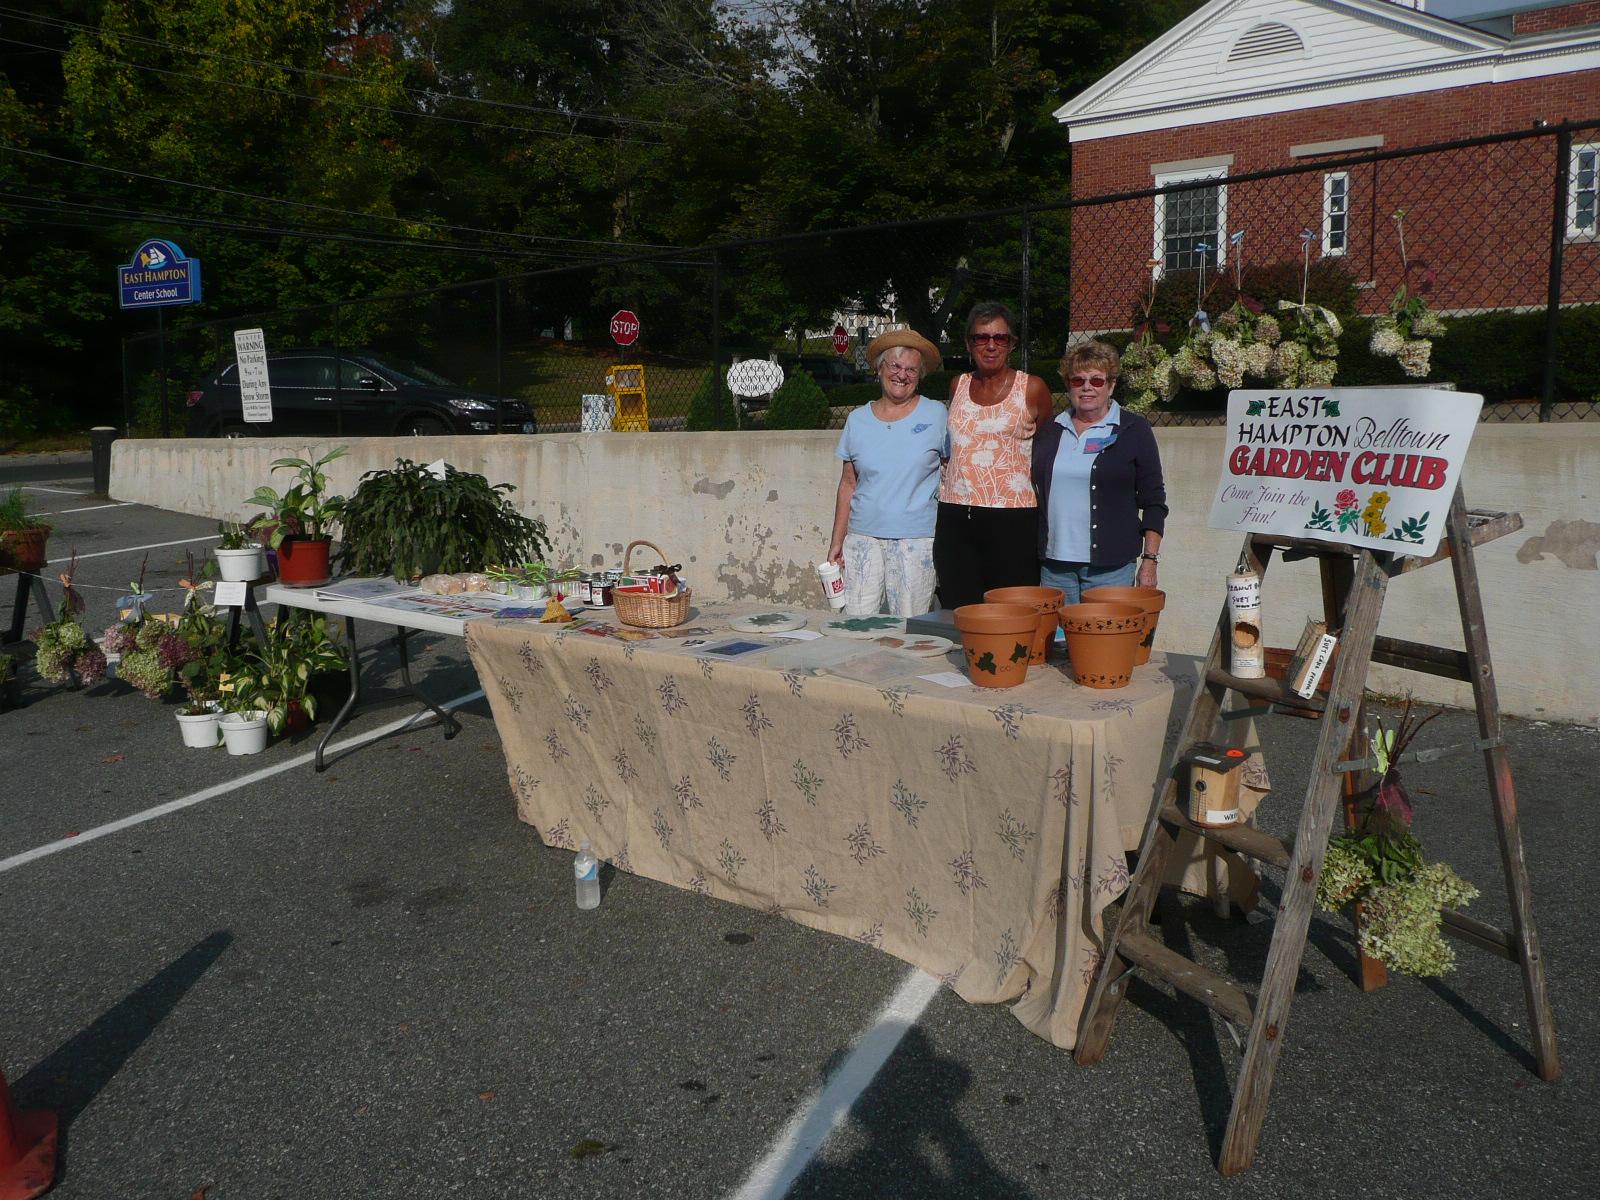 East Hampton Ct Belltown Garden Club September 2010